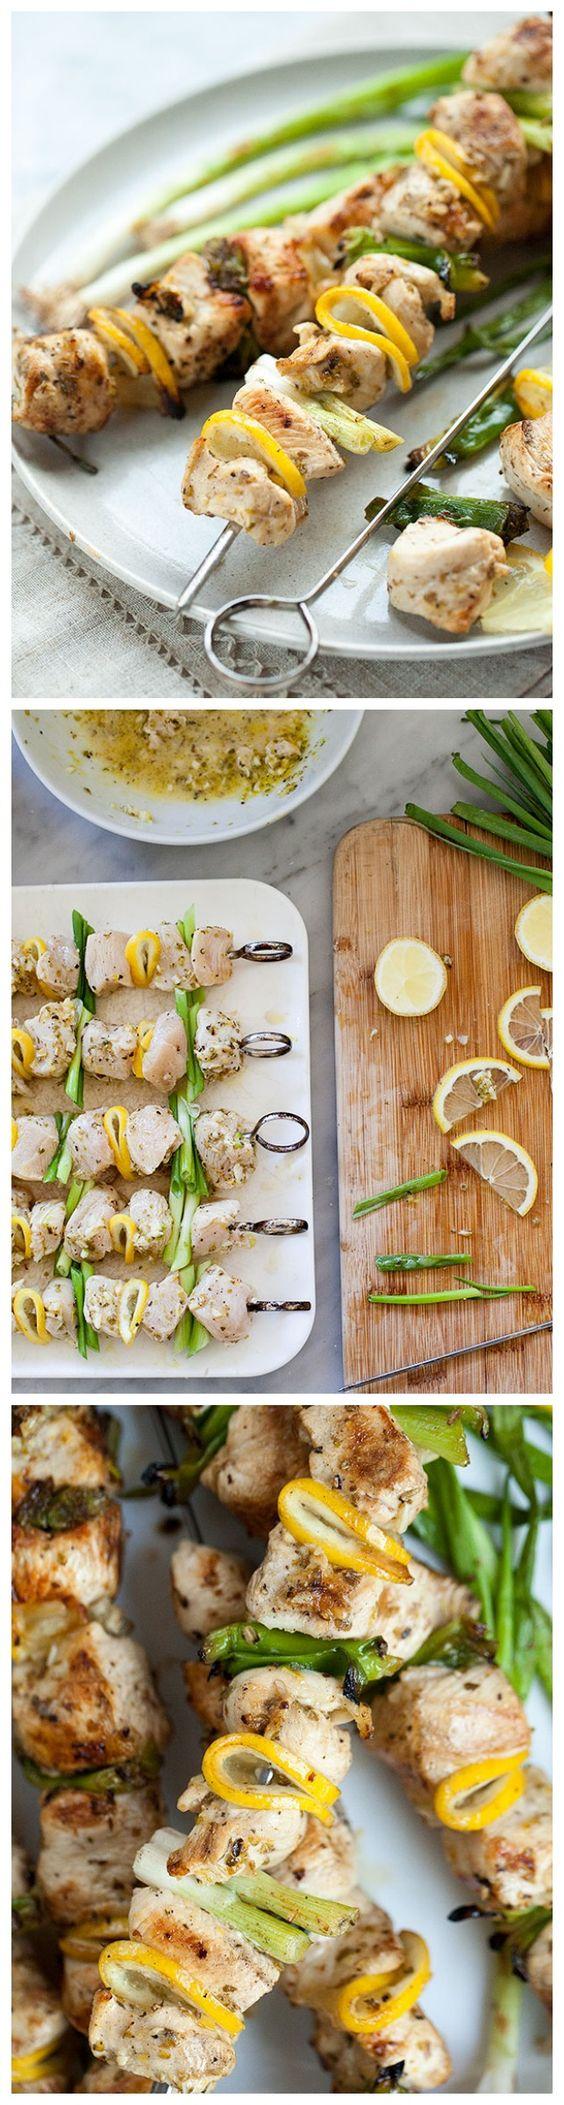 Grilled Lemon Chicken Skewers | Recipe | Skewers, Chicken and Lemon